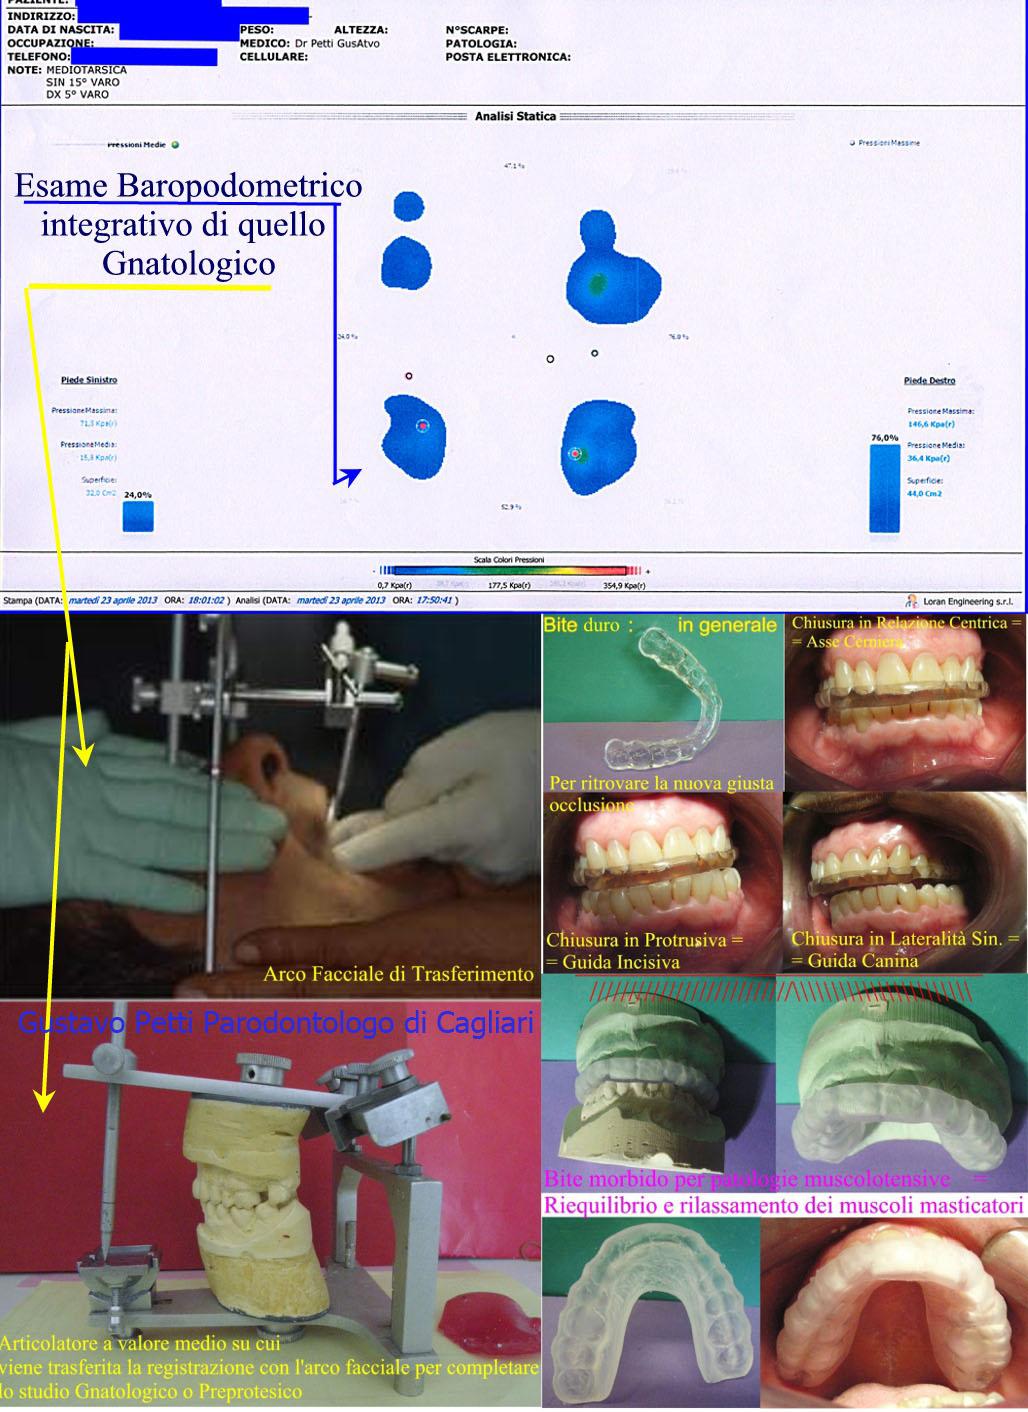 analisi-gnatologica-dr-g.petti-cagliari-012.jpg